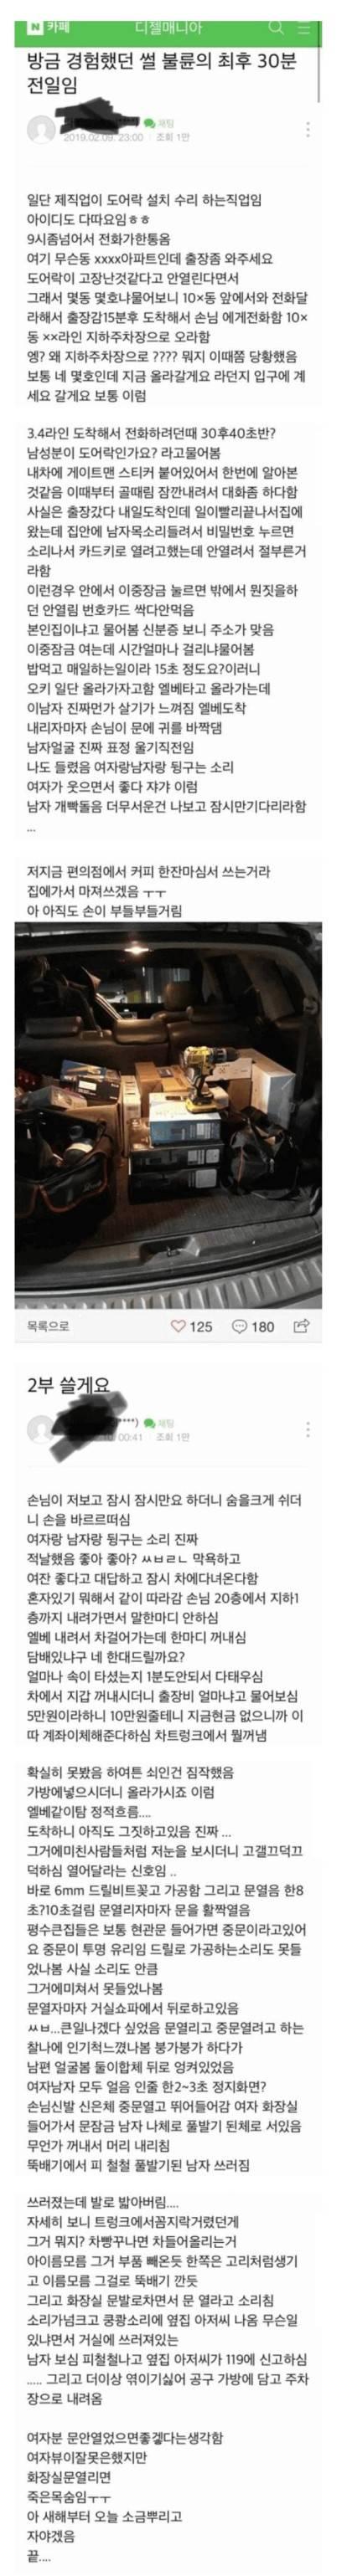 어메이징 불륜 목격 썰.jpg | 인스티즈